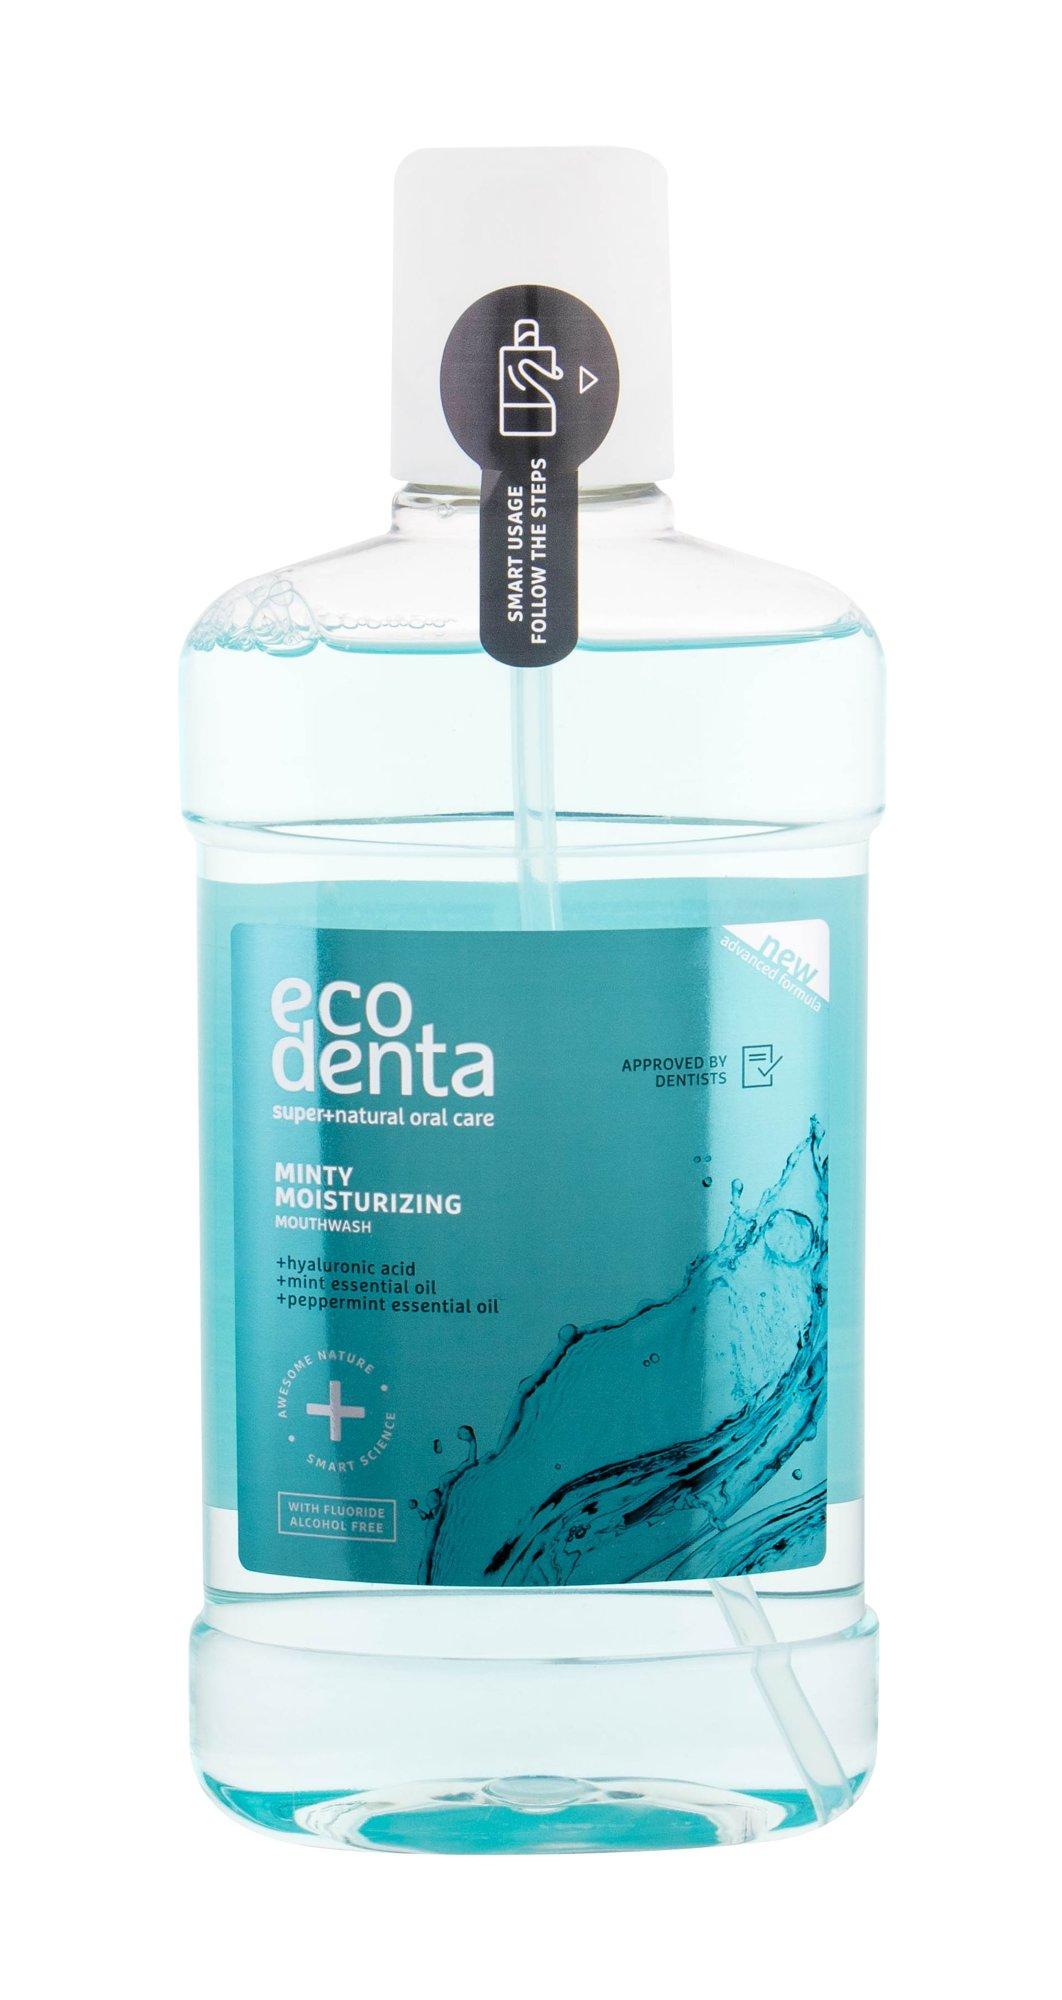 Ecodenta Mouthwash Mouthwash 500ml  Minty Moisturizing